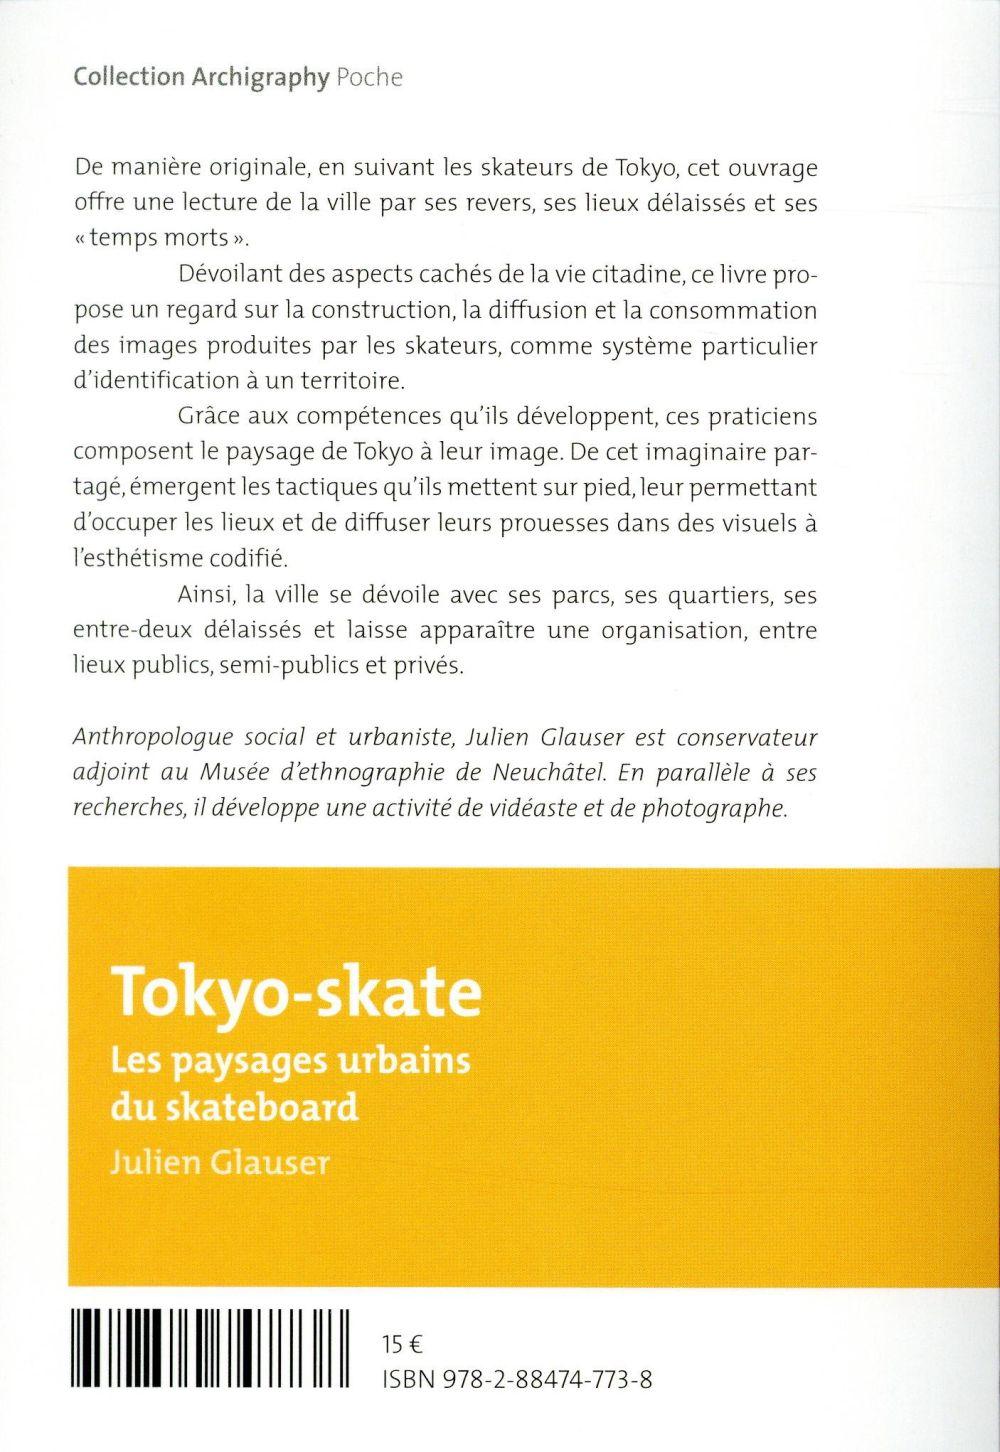 Tokyo-skate ; les paysages urbains du skateboard